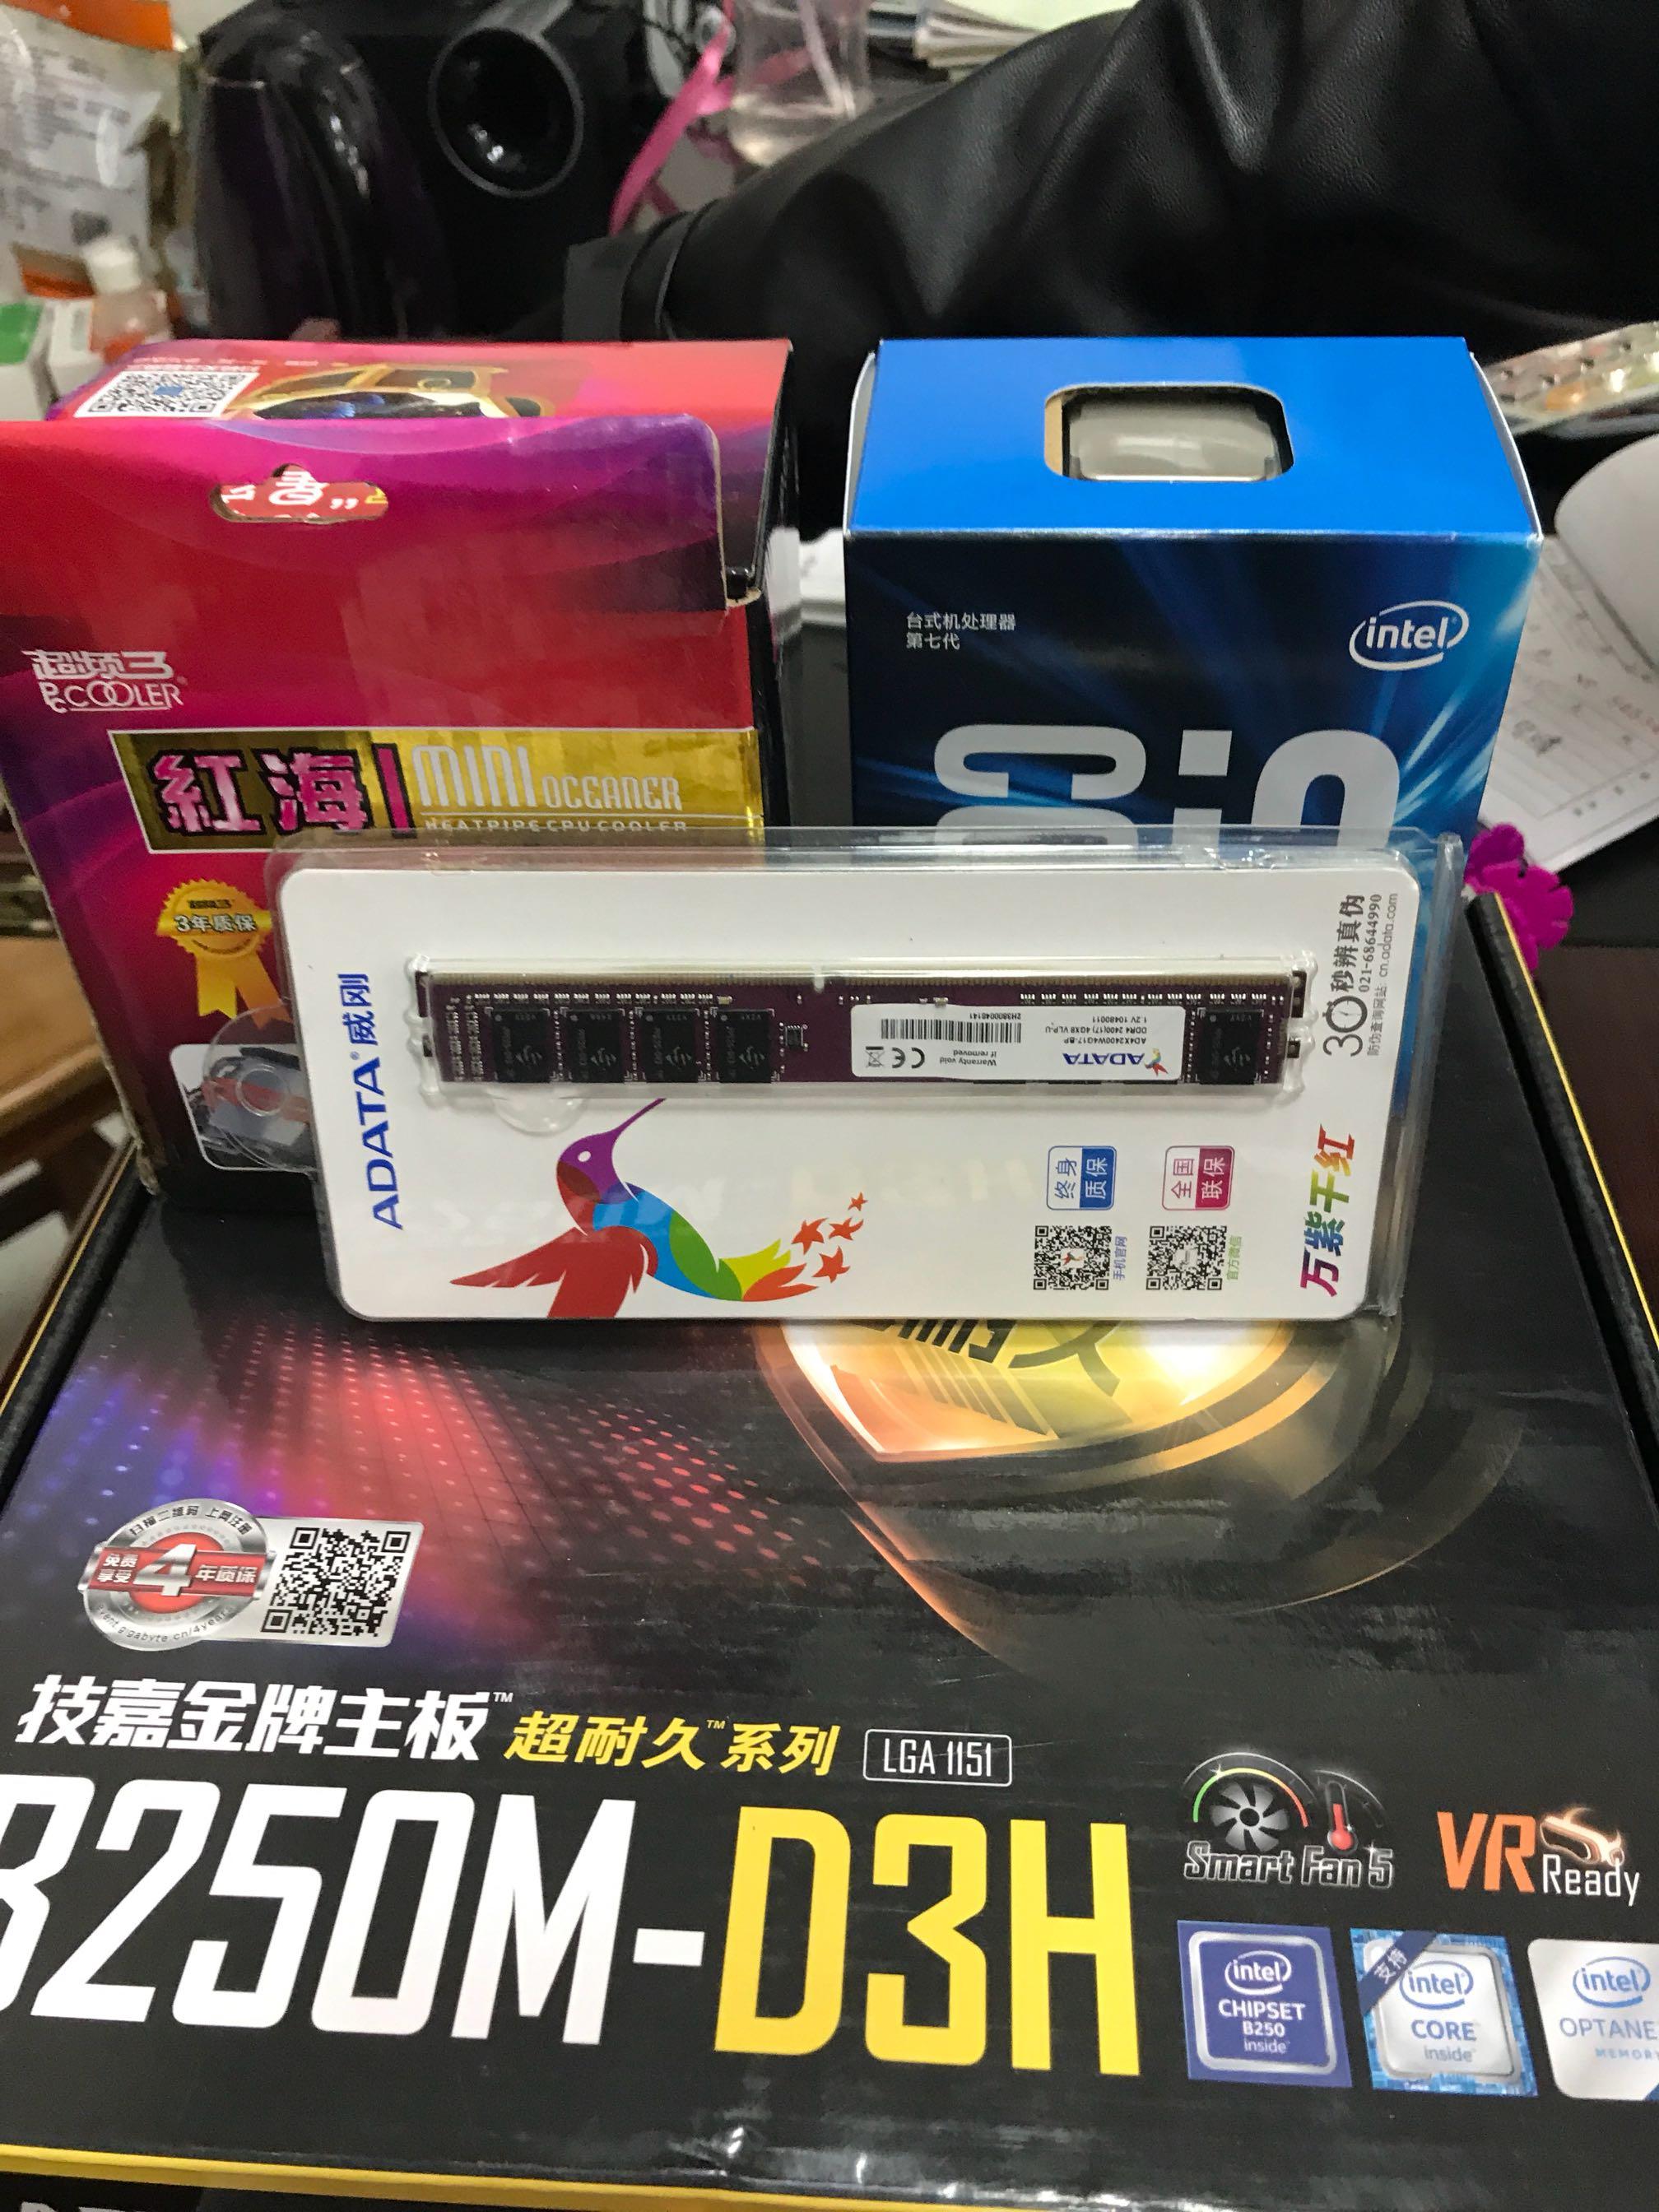 jordan released today 00987597 sale